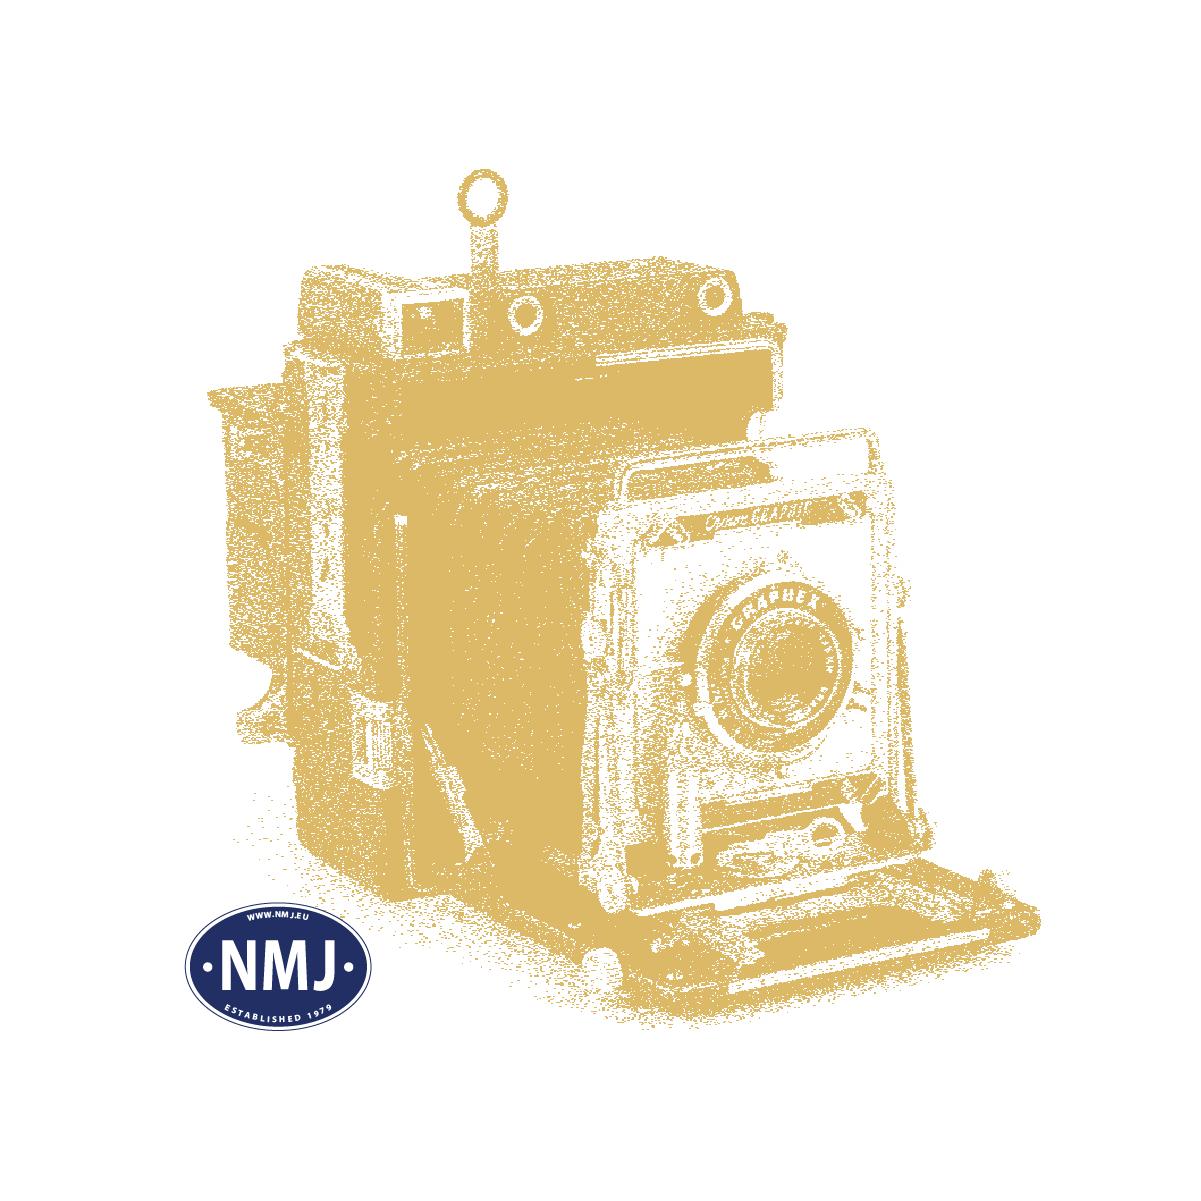 NMJT135.201 - NMJ Topline NSB AB11 24109, gammeldesgingmdesign